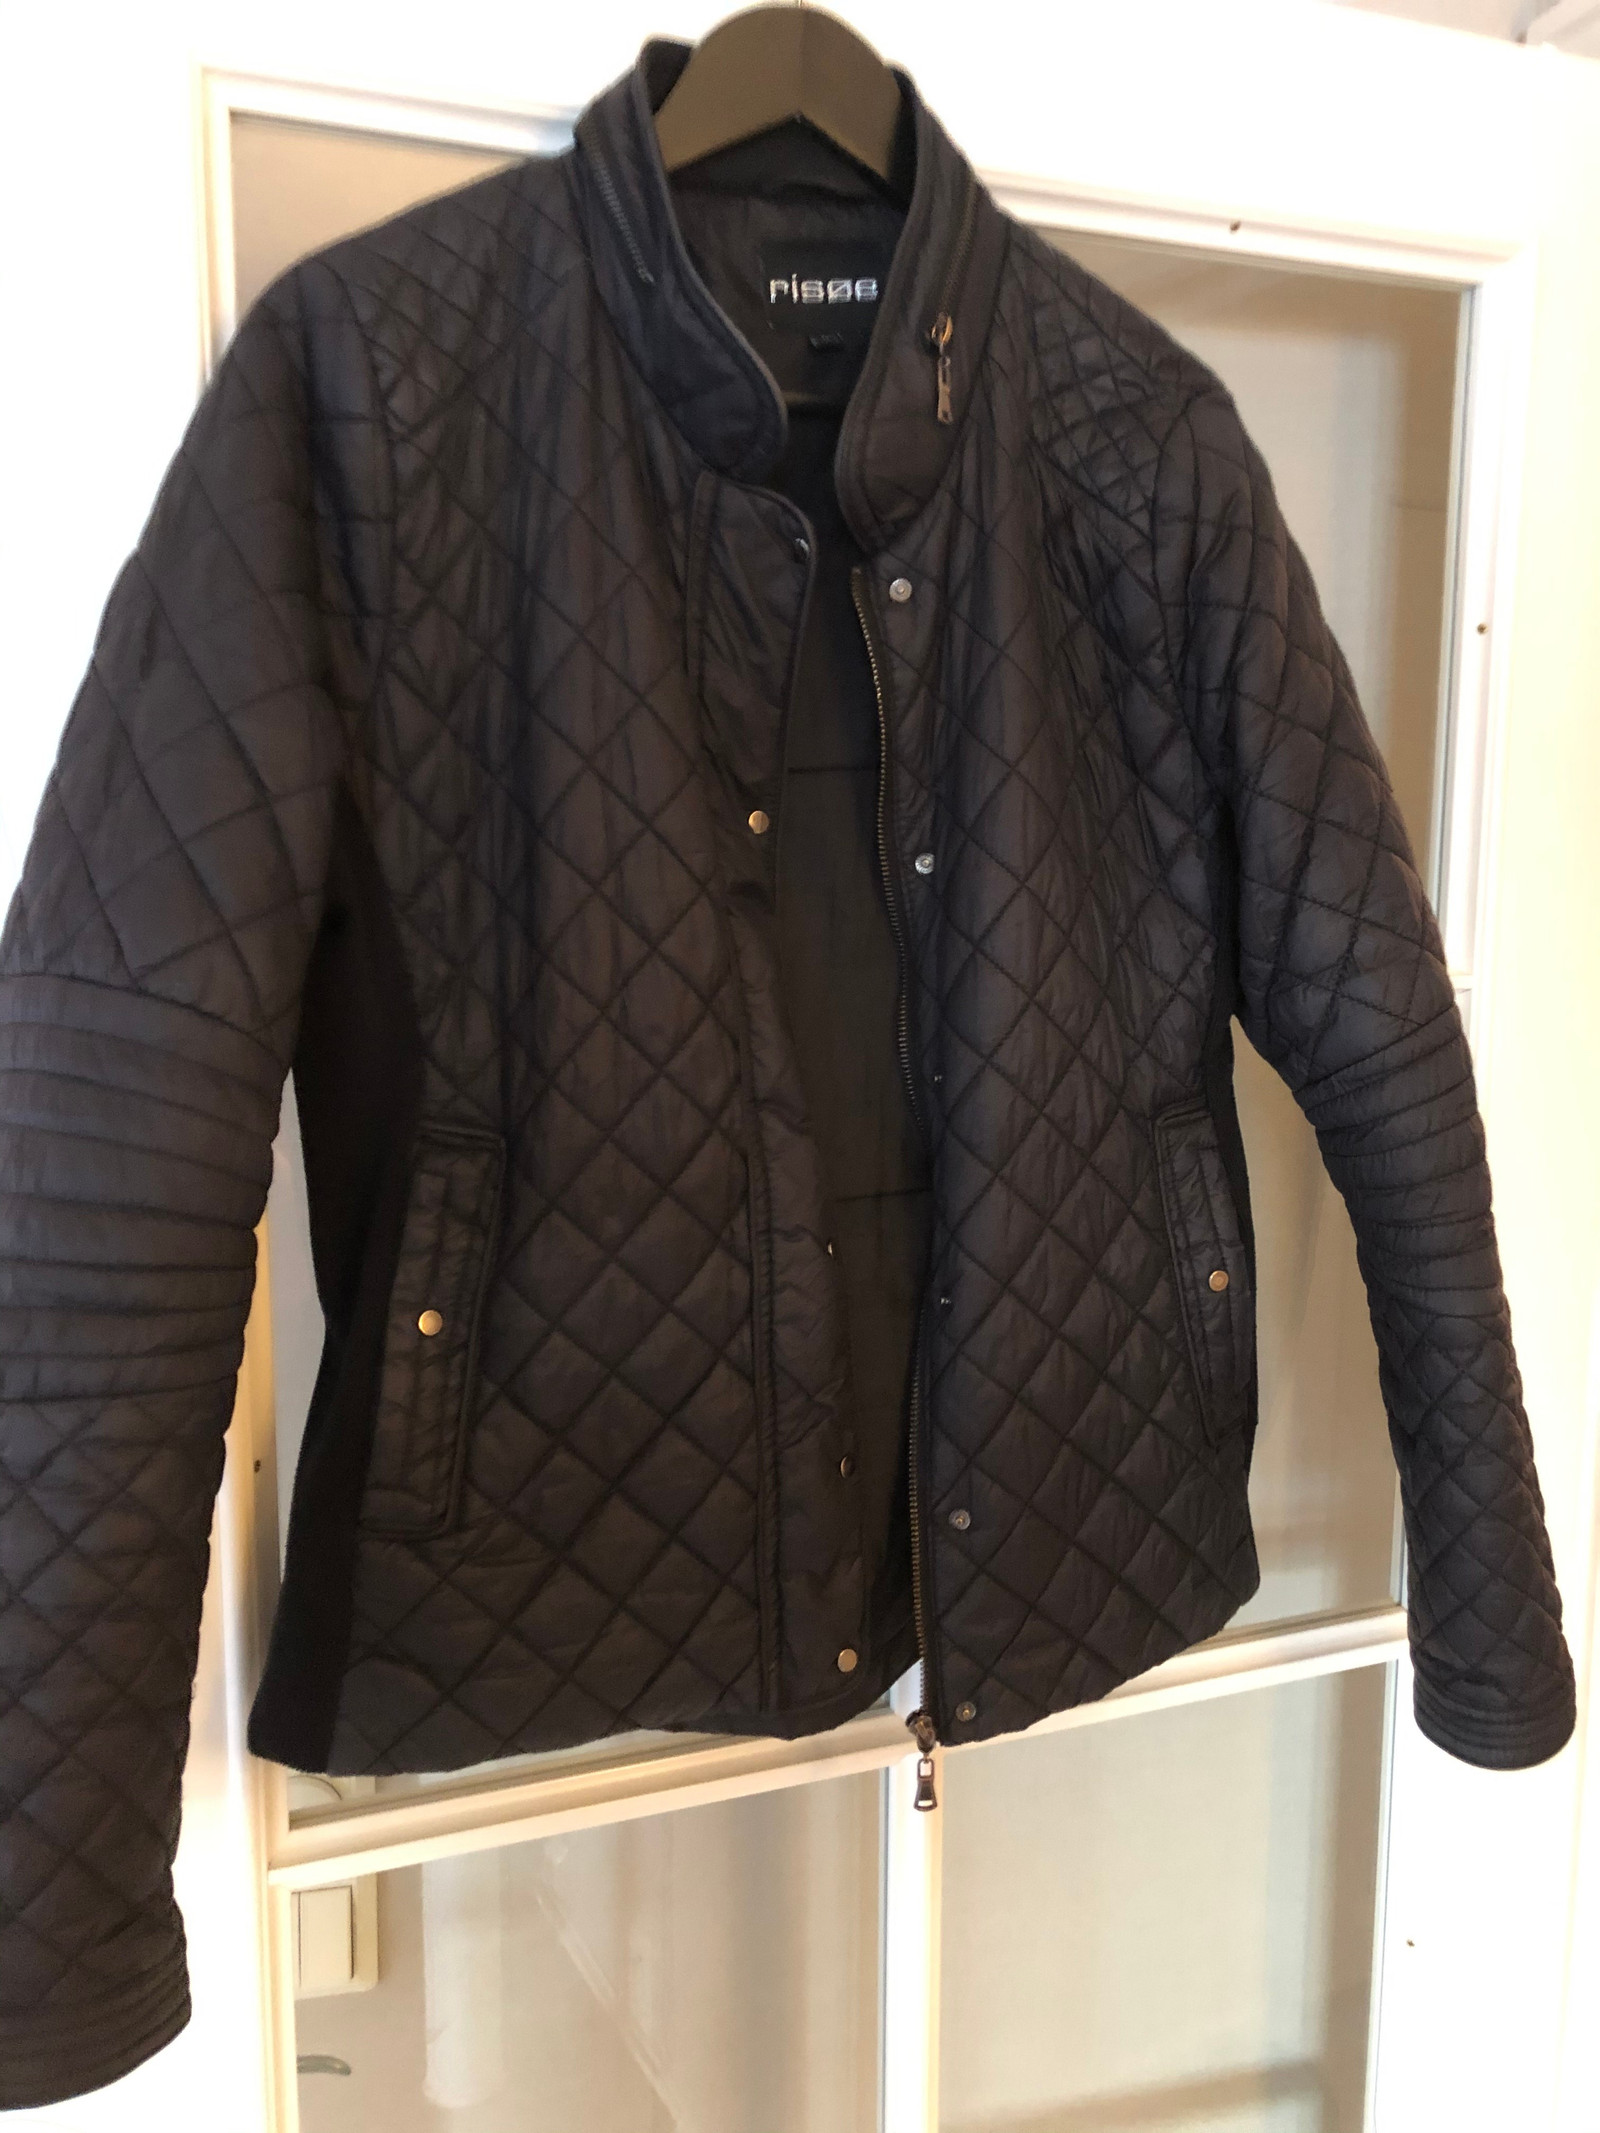 Ubrukt jakke fra Peder Risøe selges | FINN.no